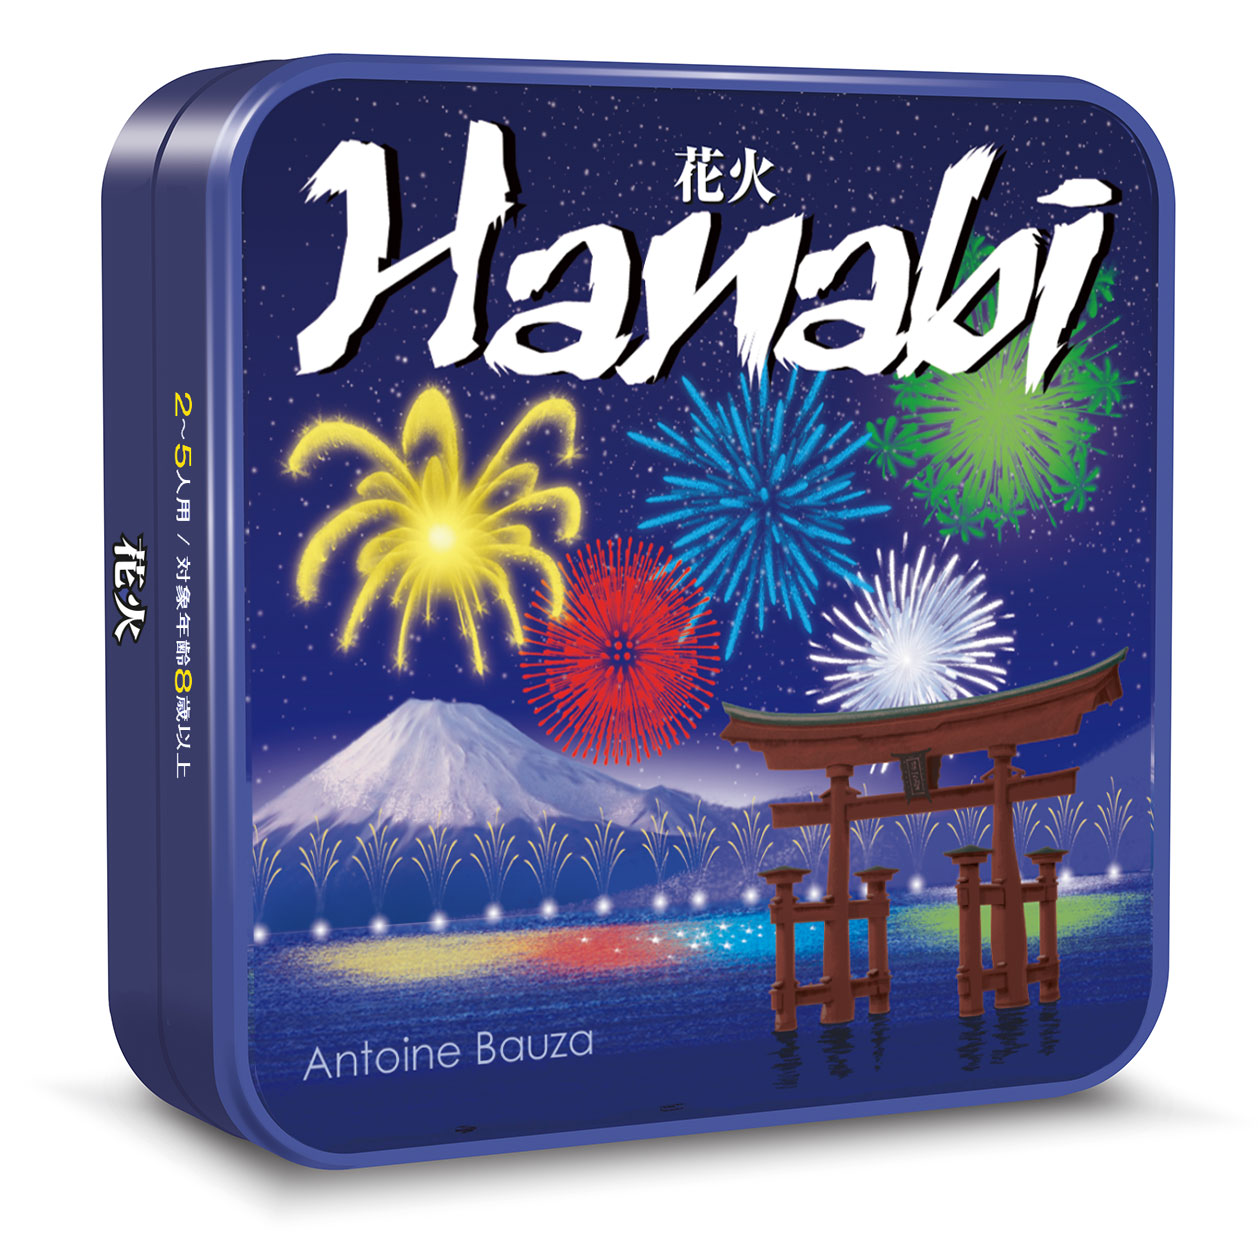 ファミリーでプレイできる多人数協力型のカードゲーム 「花火/HANABI」日本語版 3月中旬発売予定